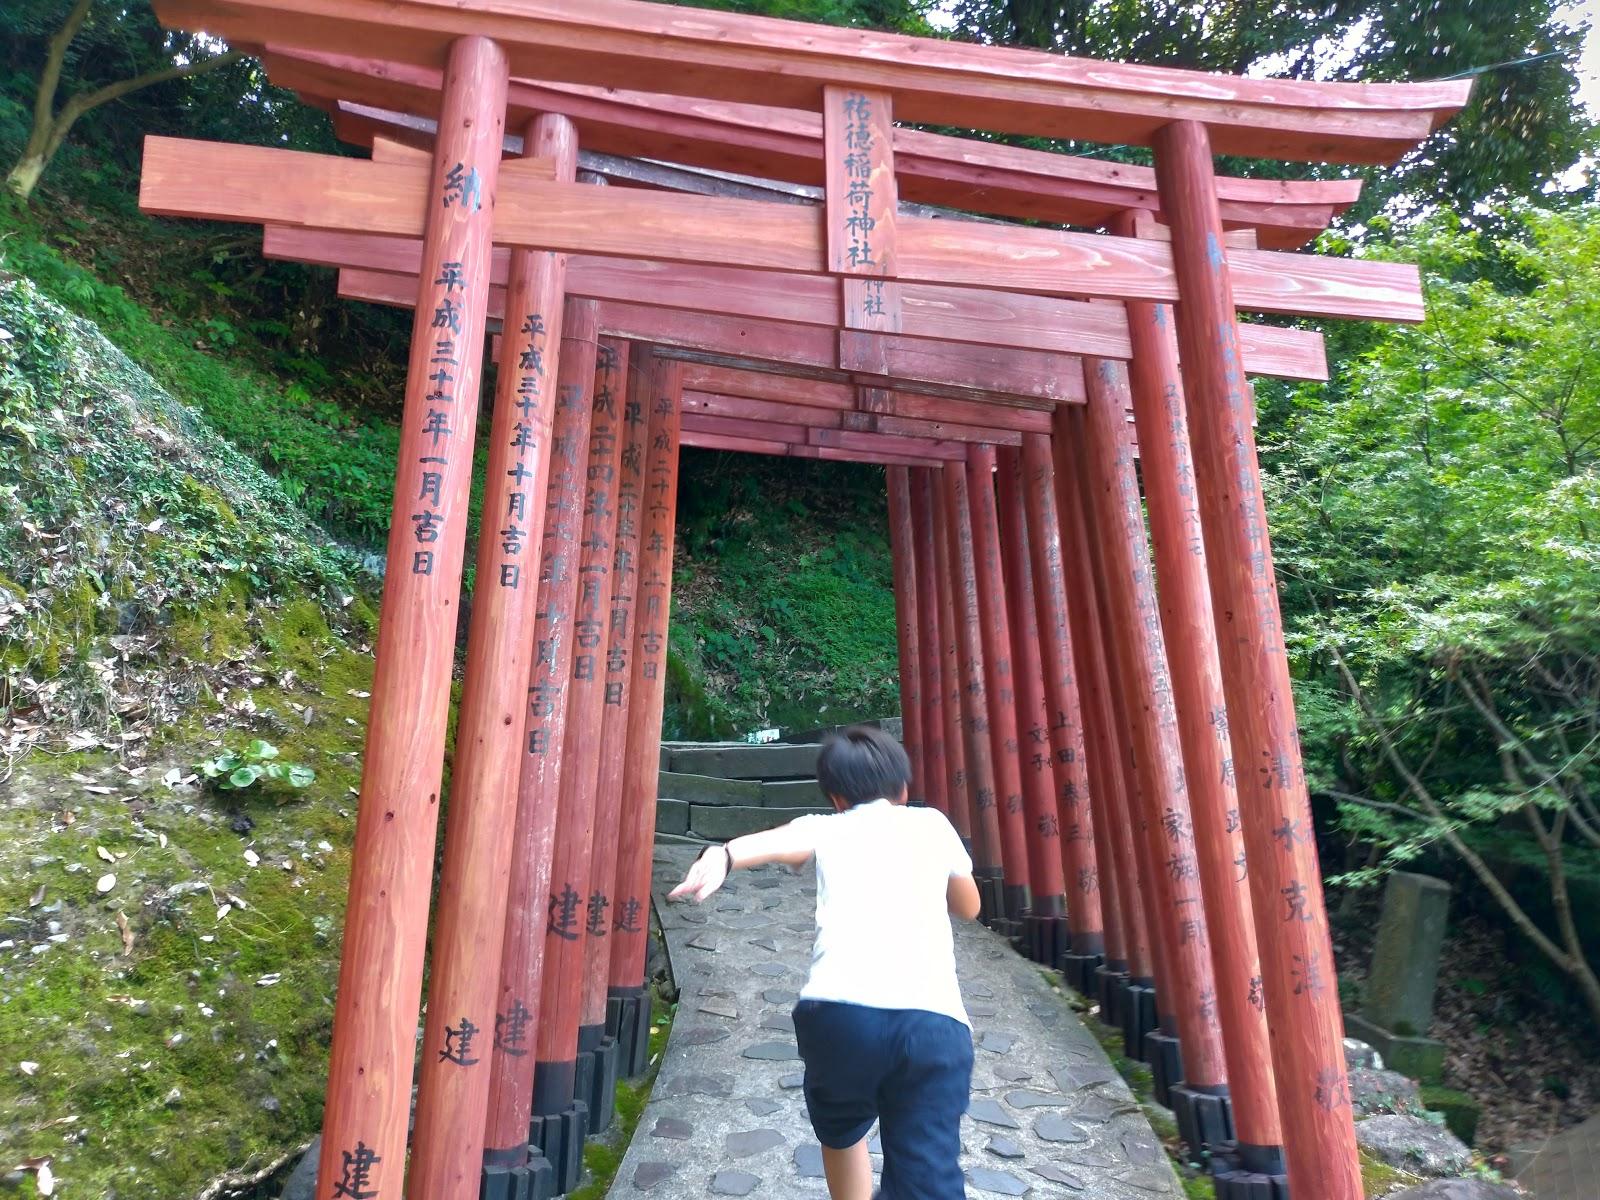 佐賀・祐徳稲荷神社の参拝で奥の院へ